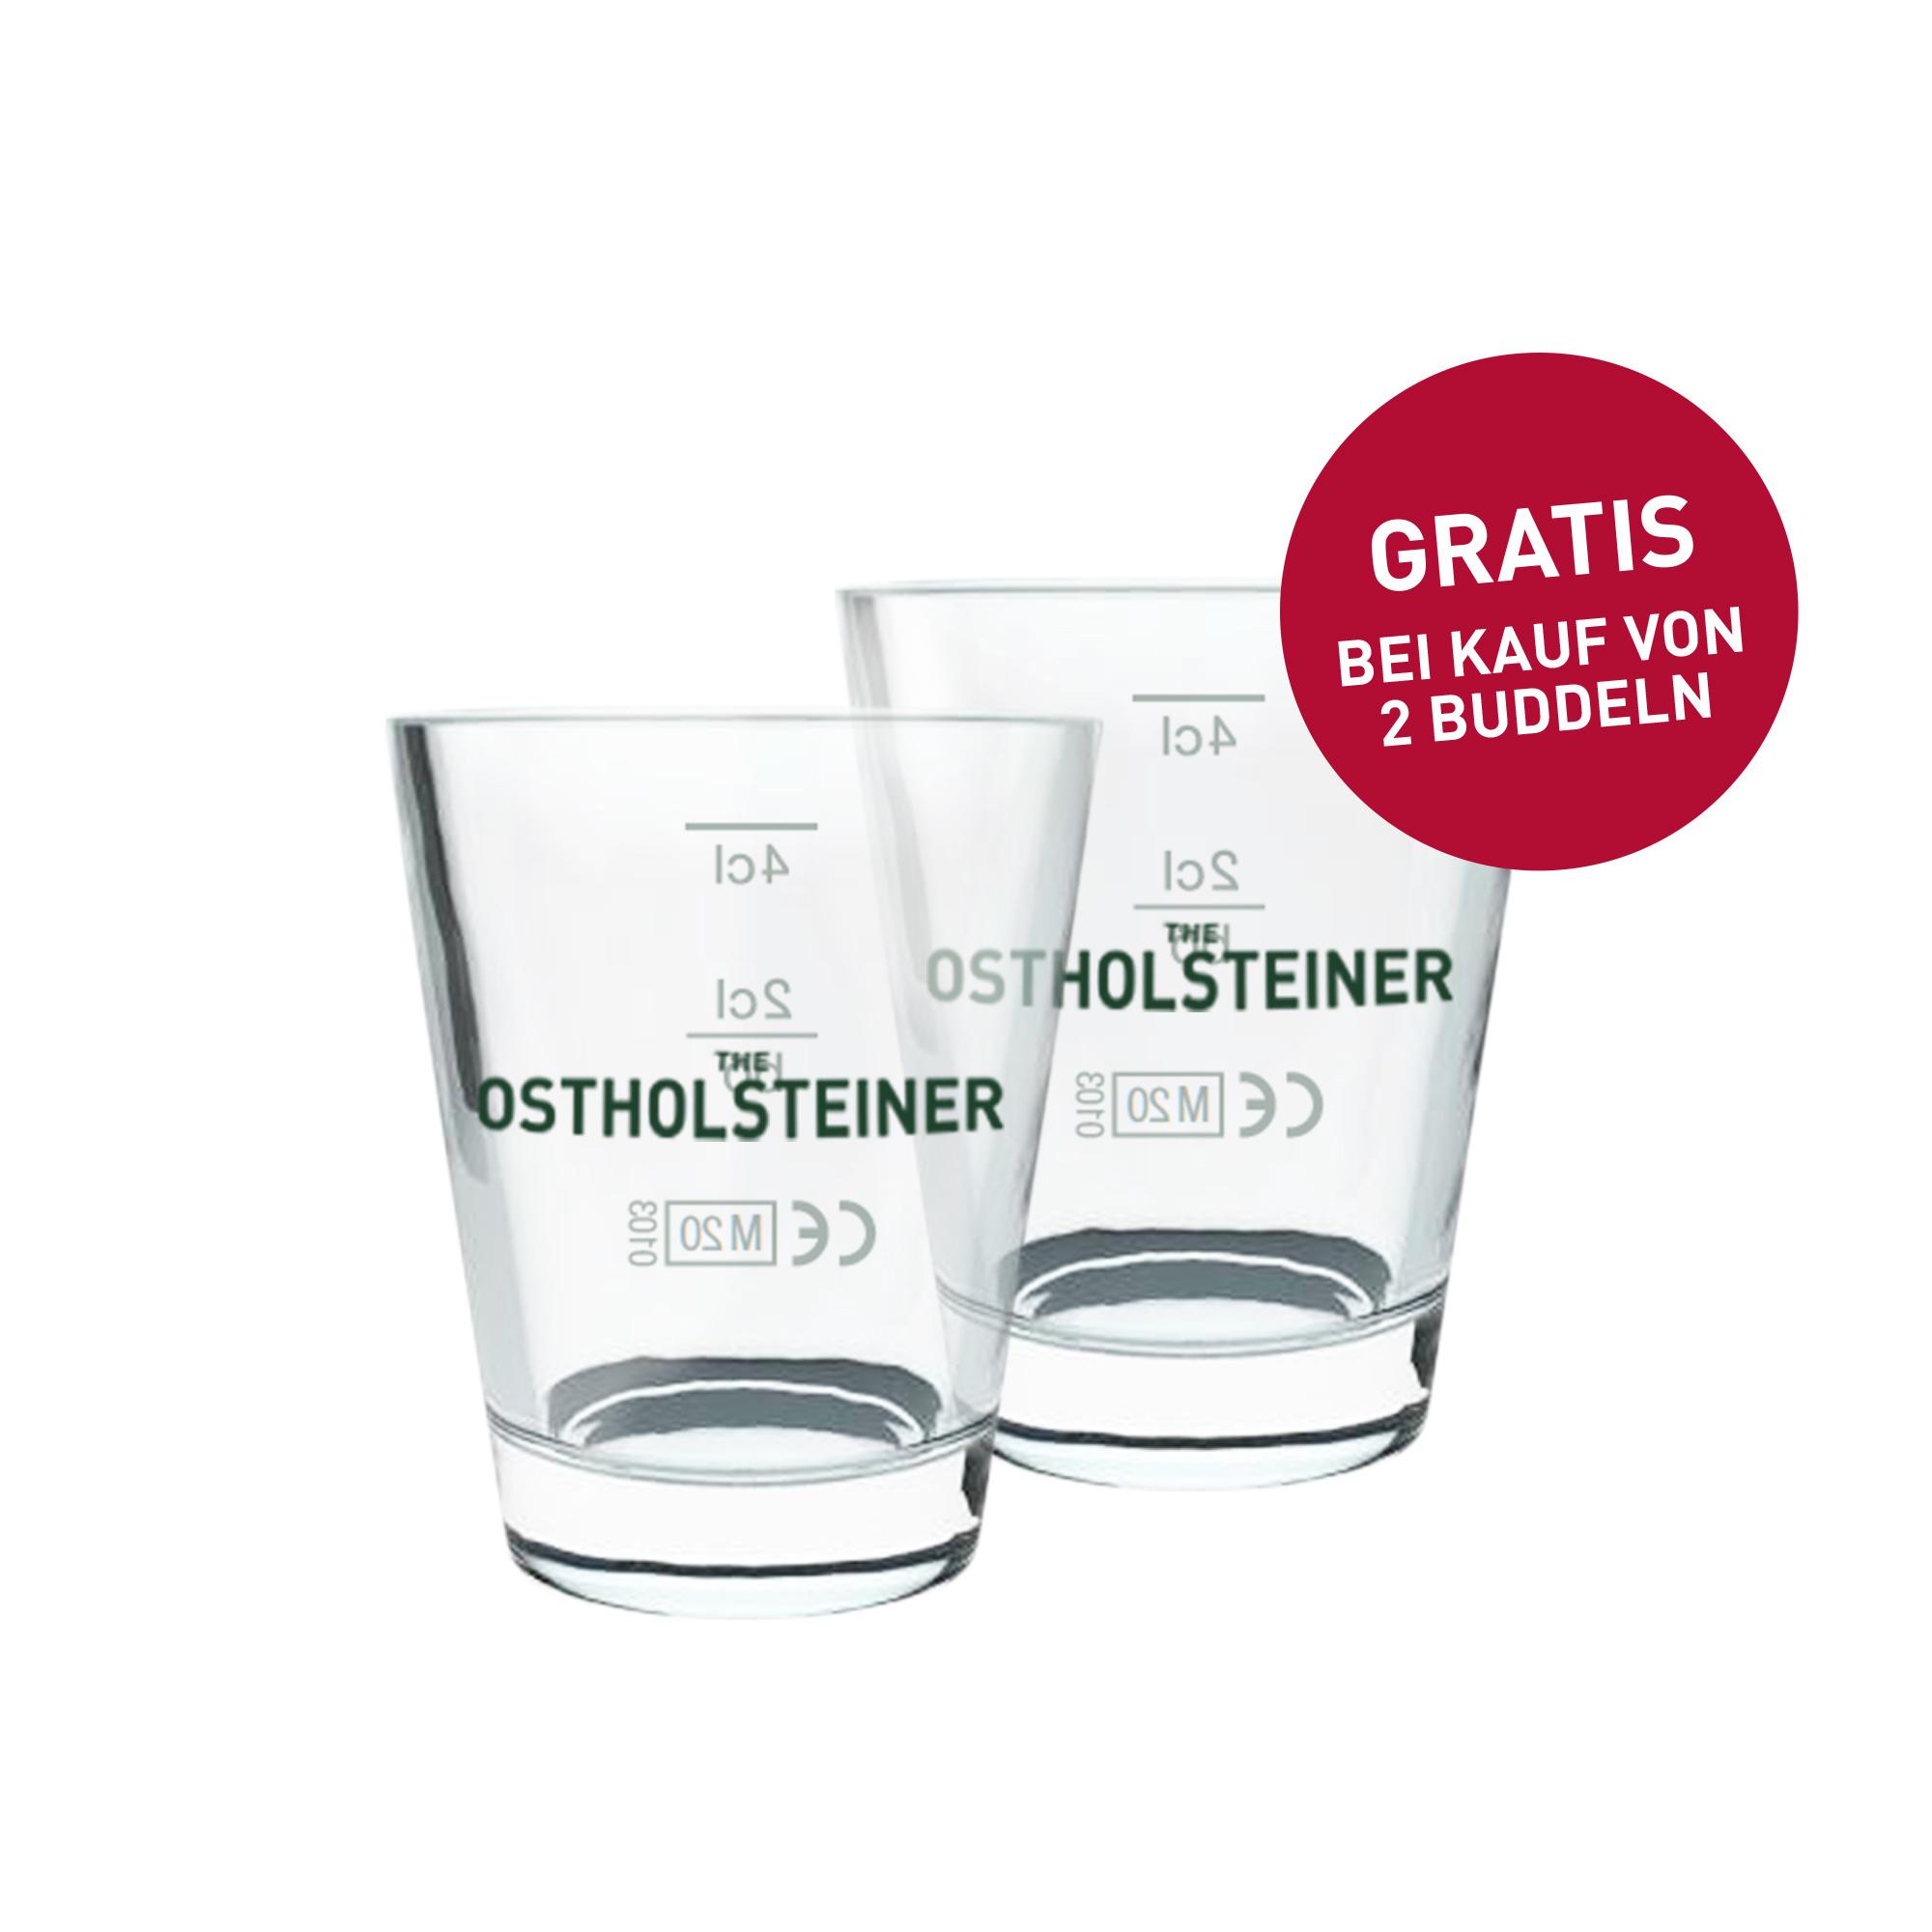 von THE OSTHOLSTEINER Die OSTHOLSTEINER Doppelverglasung